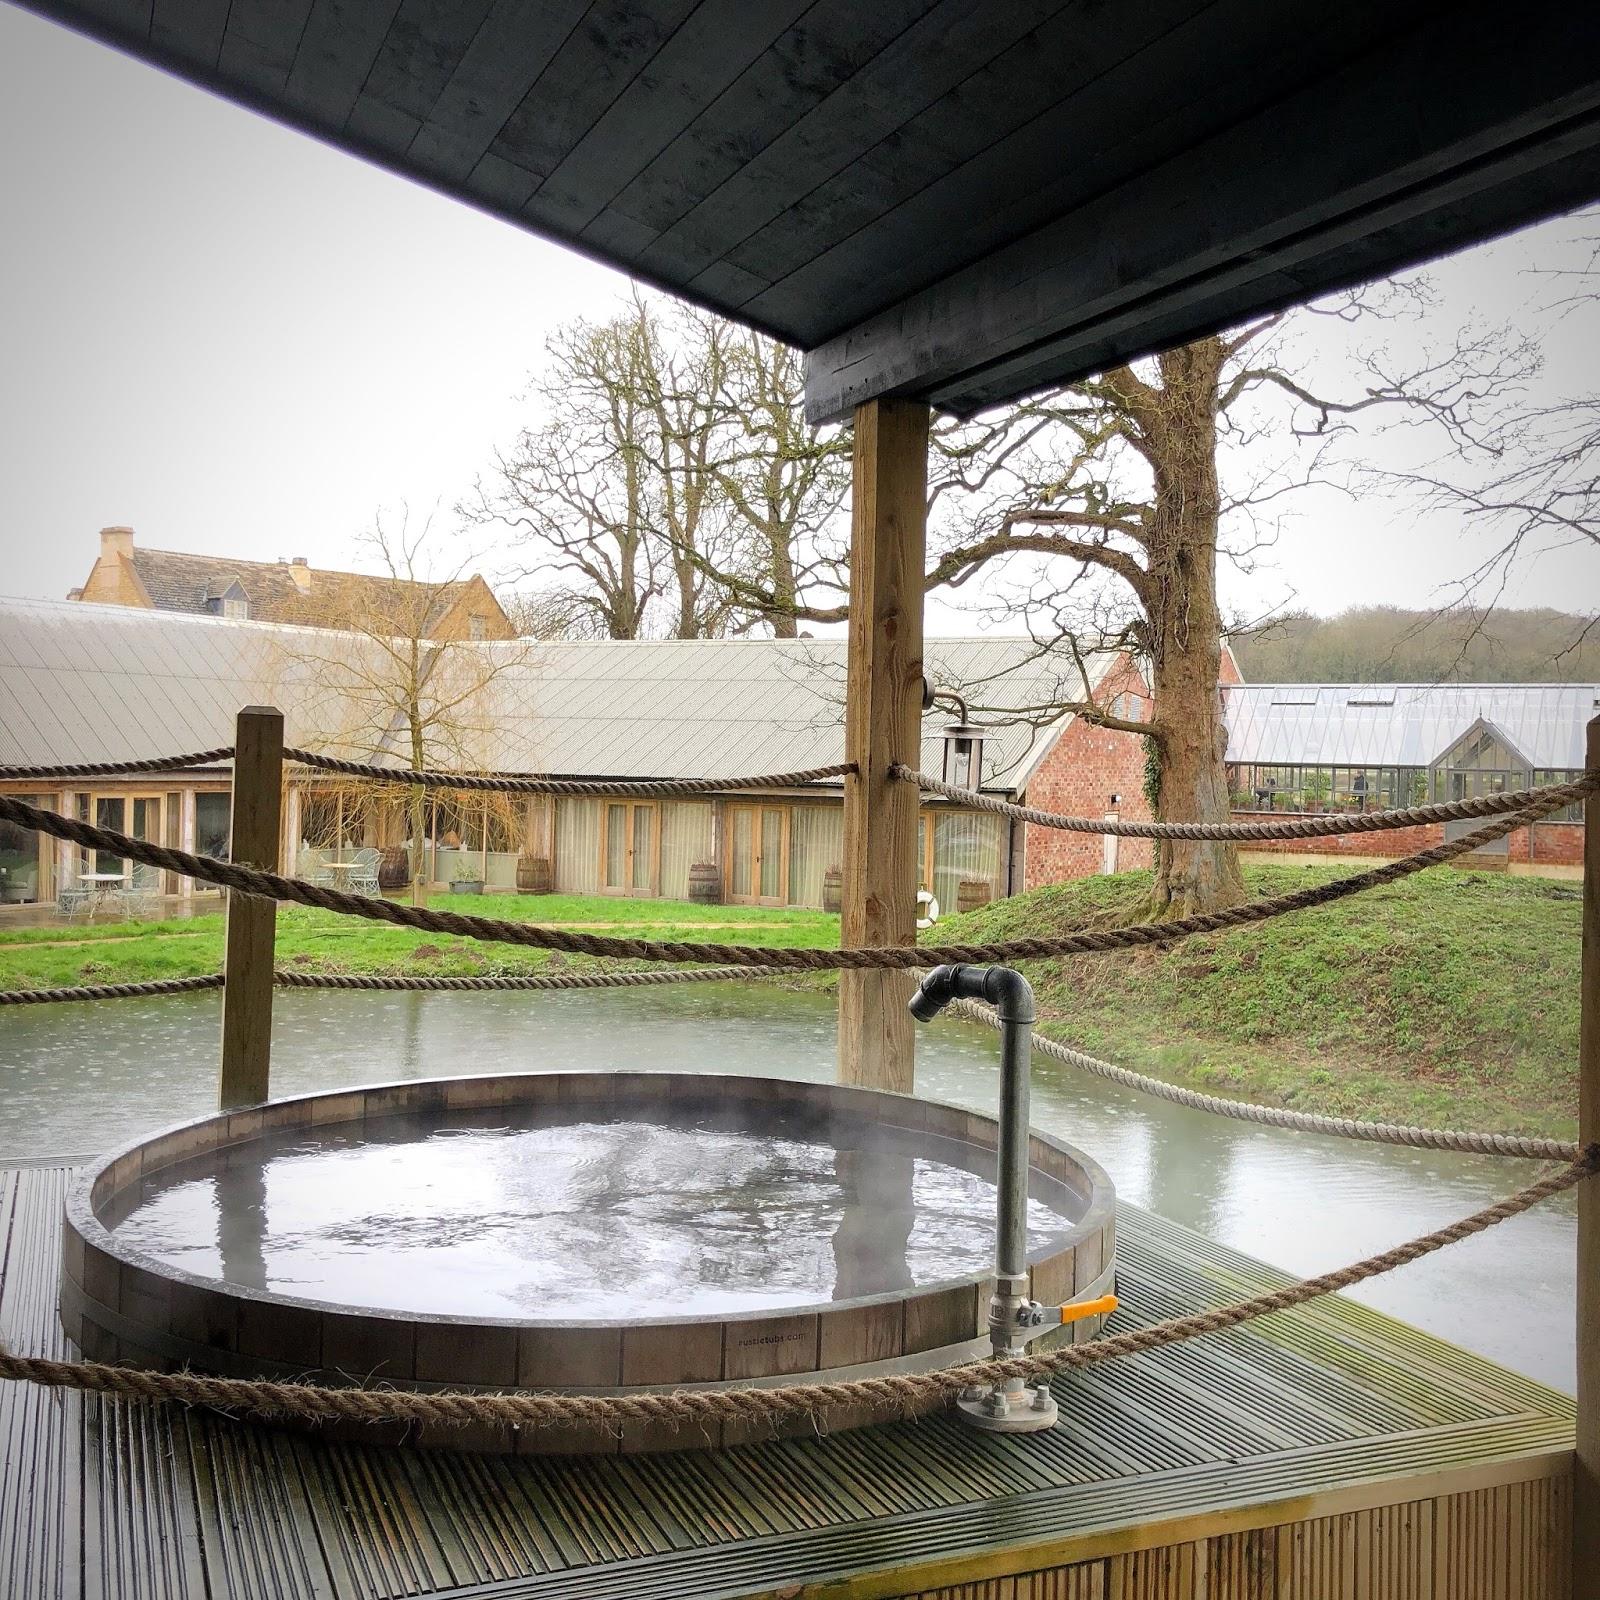 48 Hours At Soho Farmhouse Travel Sarah Kirby Cruelty Free Blog